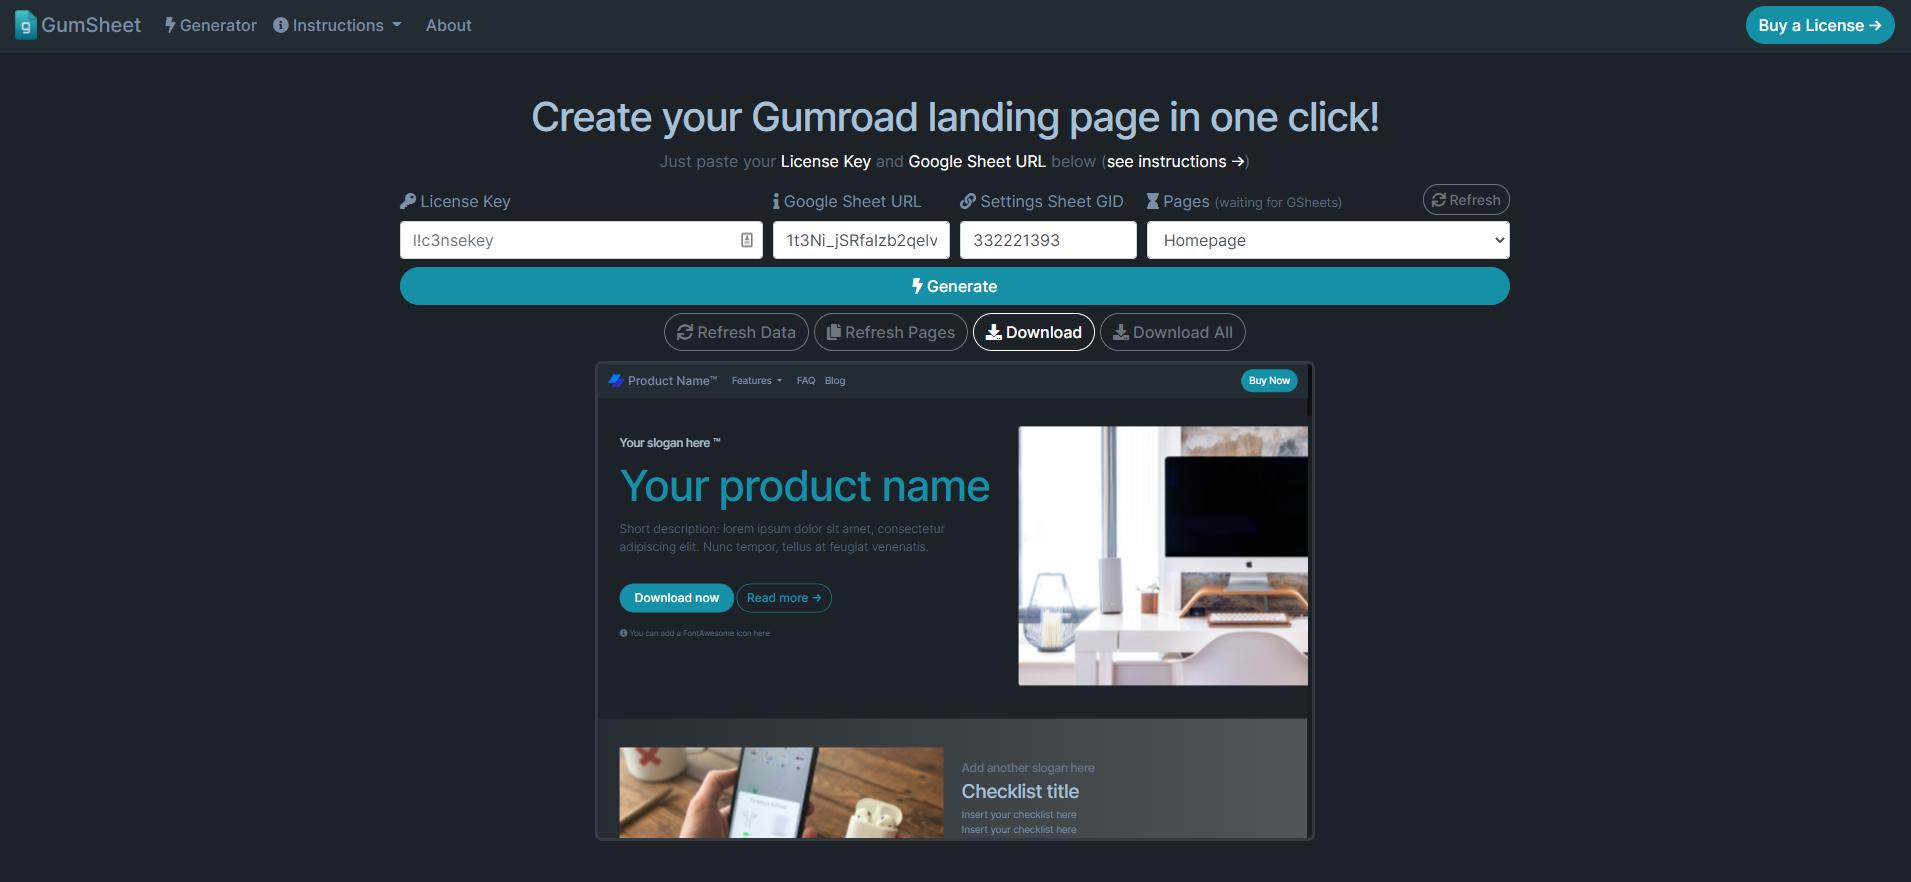 GumSheet: no-code landing pages for Gumroad via Google Sheets